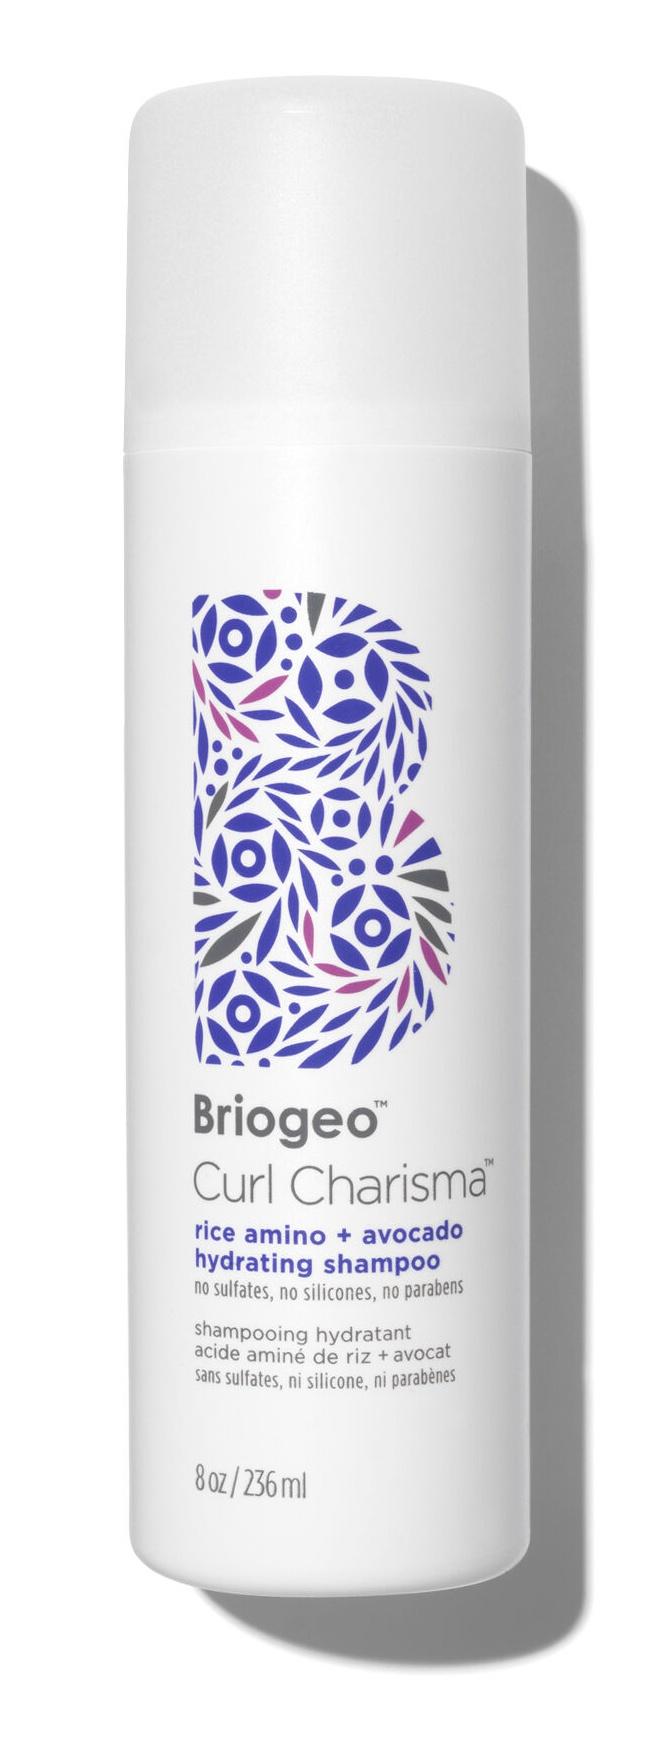 Briogeo Curl Charisma™ Rice Amino + Avocado Hydrating Shampoo